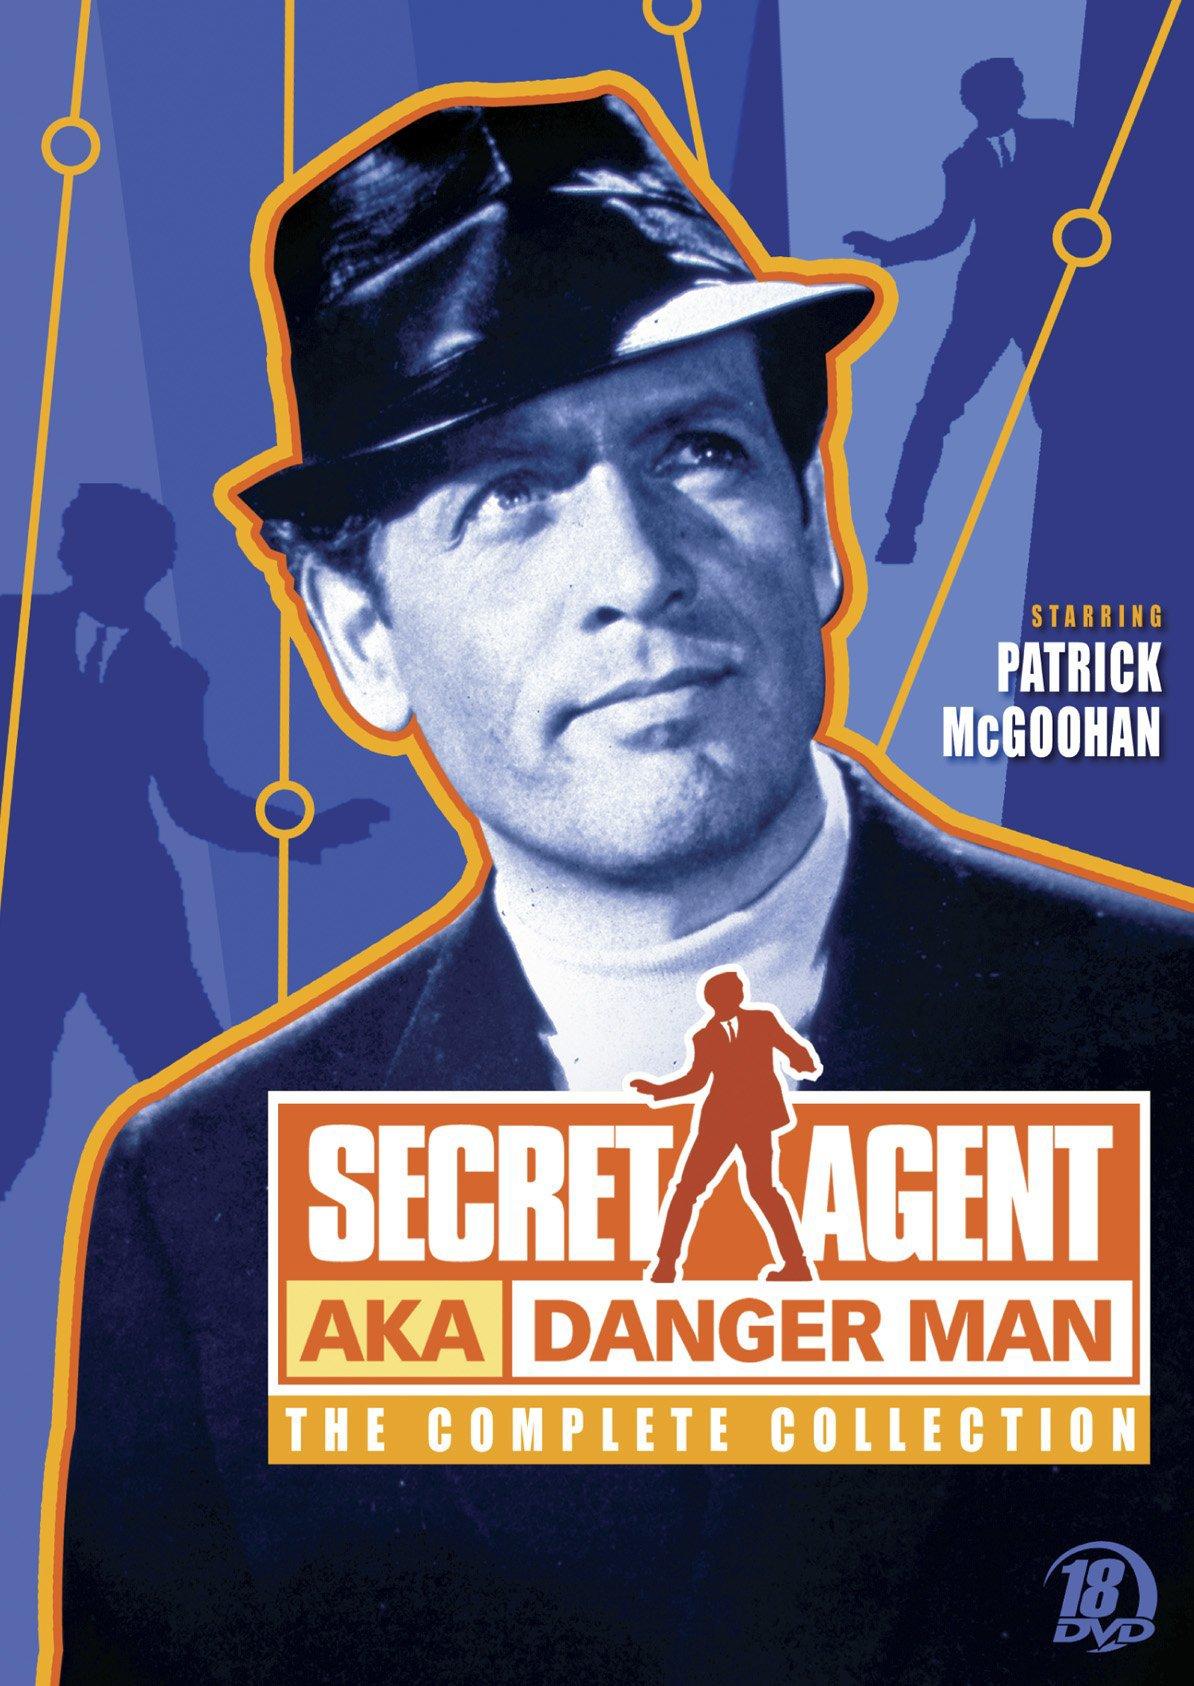 دانلود زیرنویس فارسی سریال Secret Agent